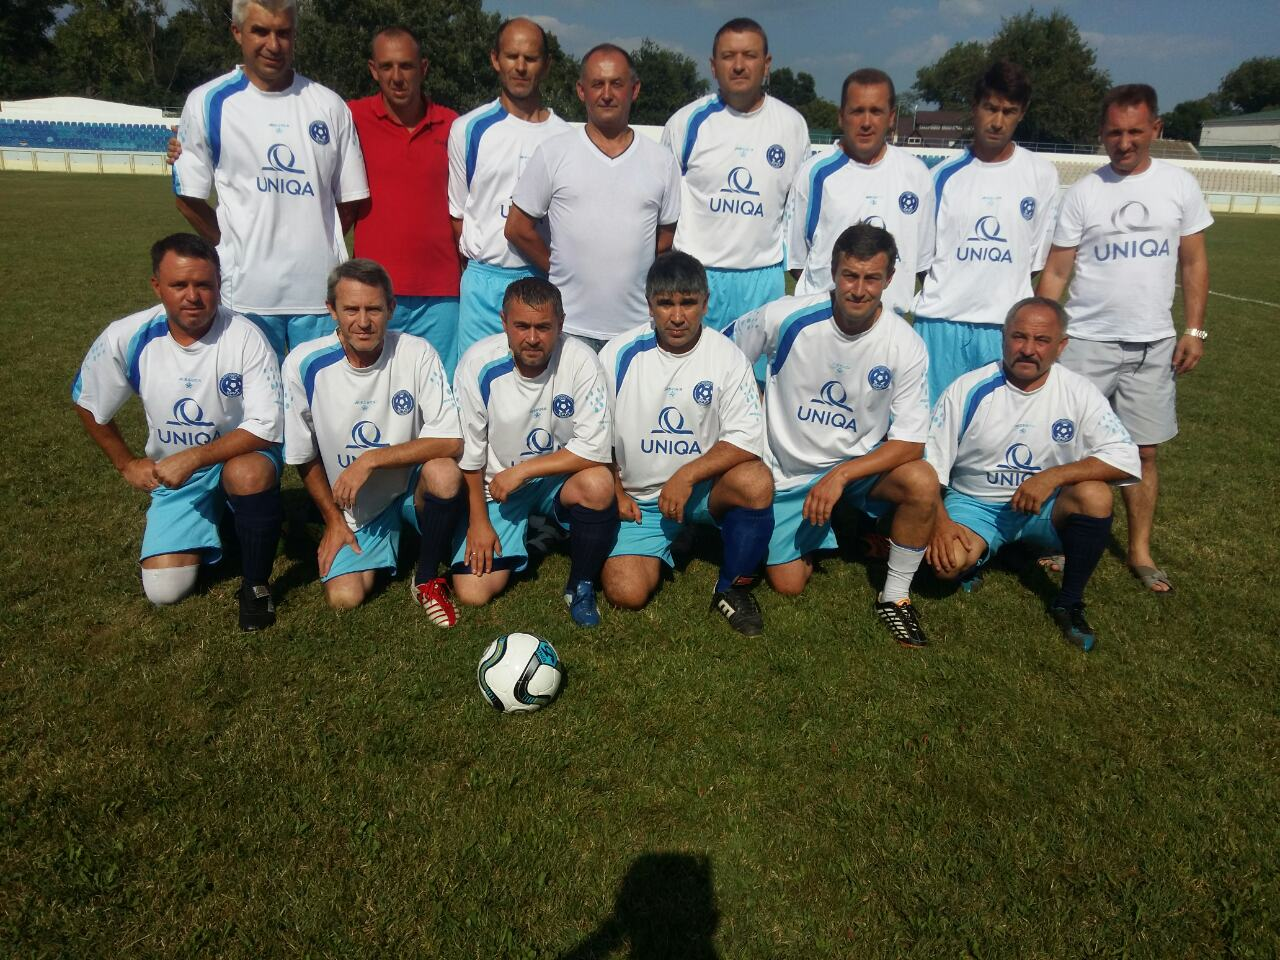 футбольная форма Uniqa